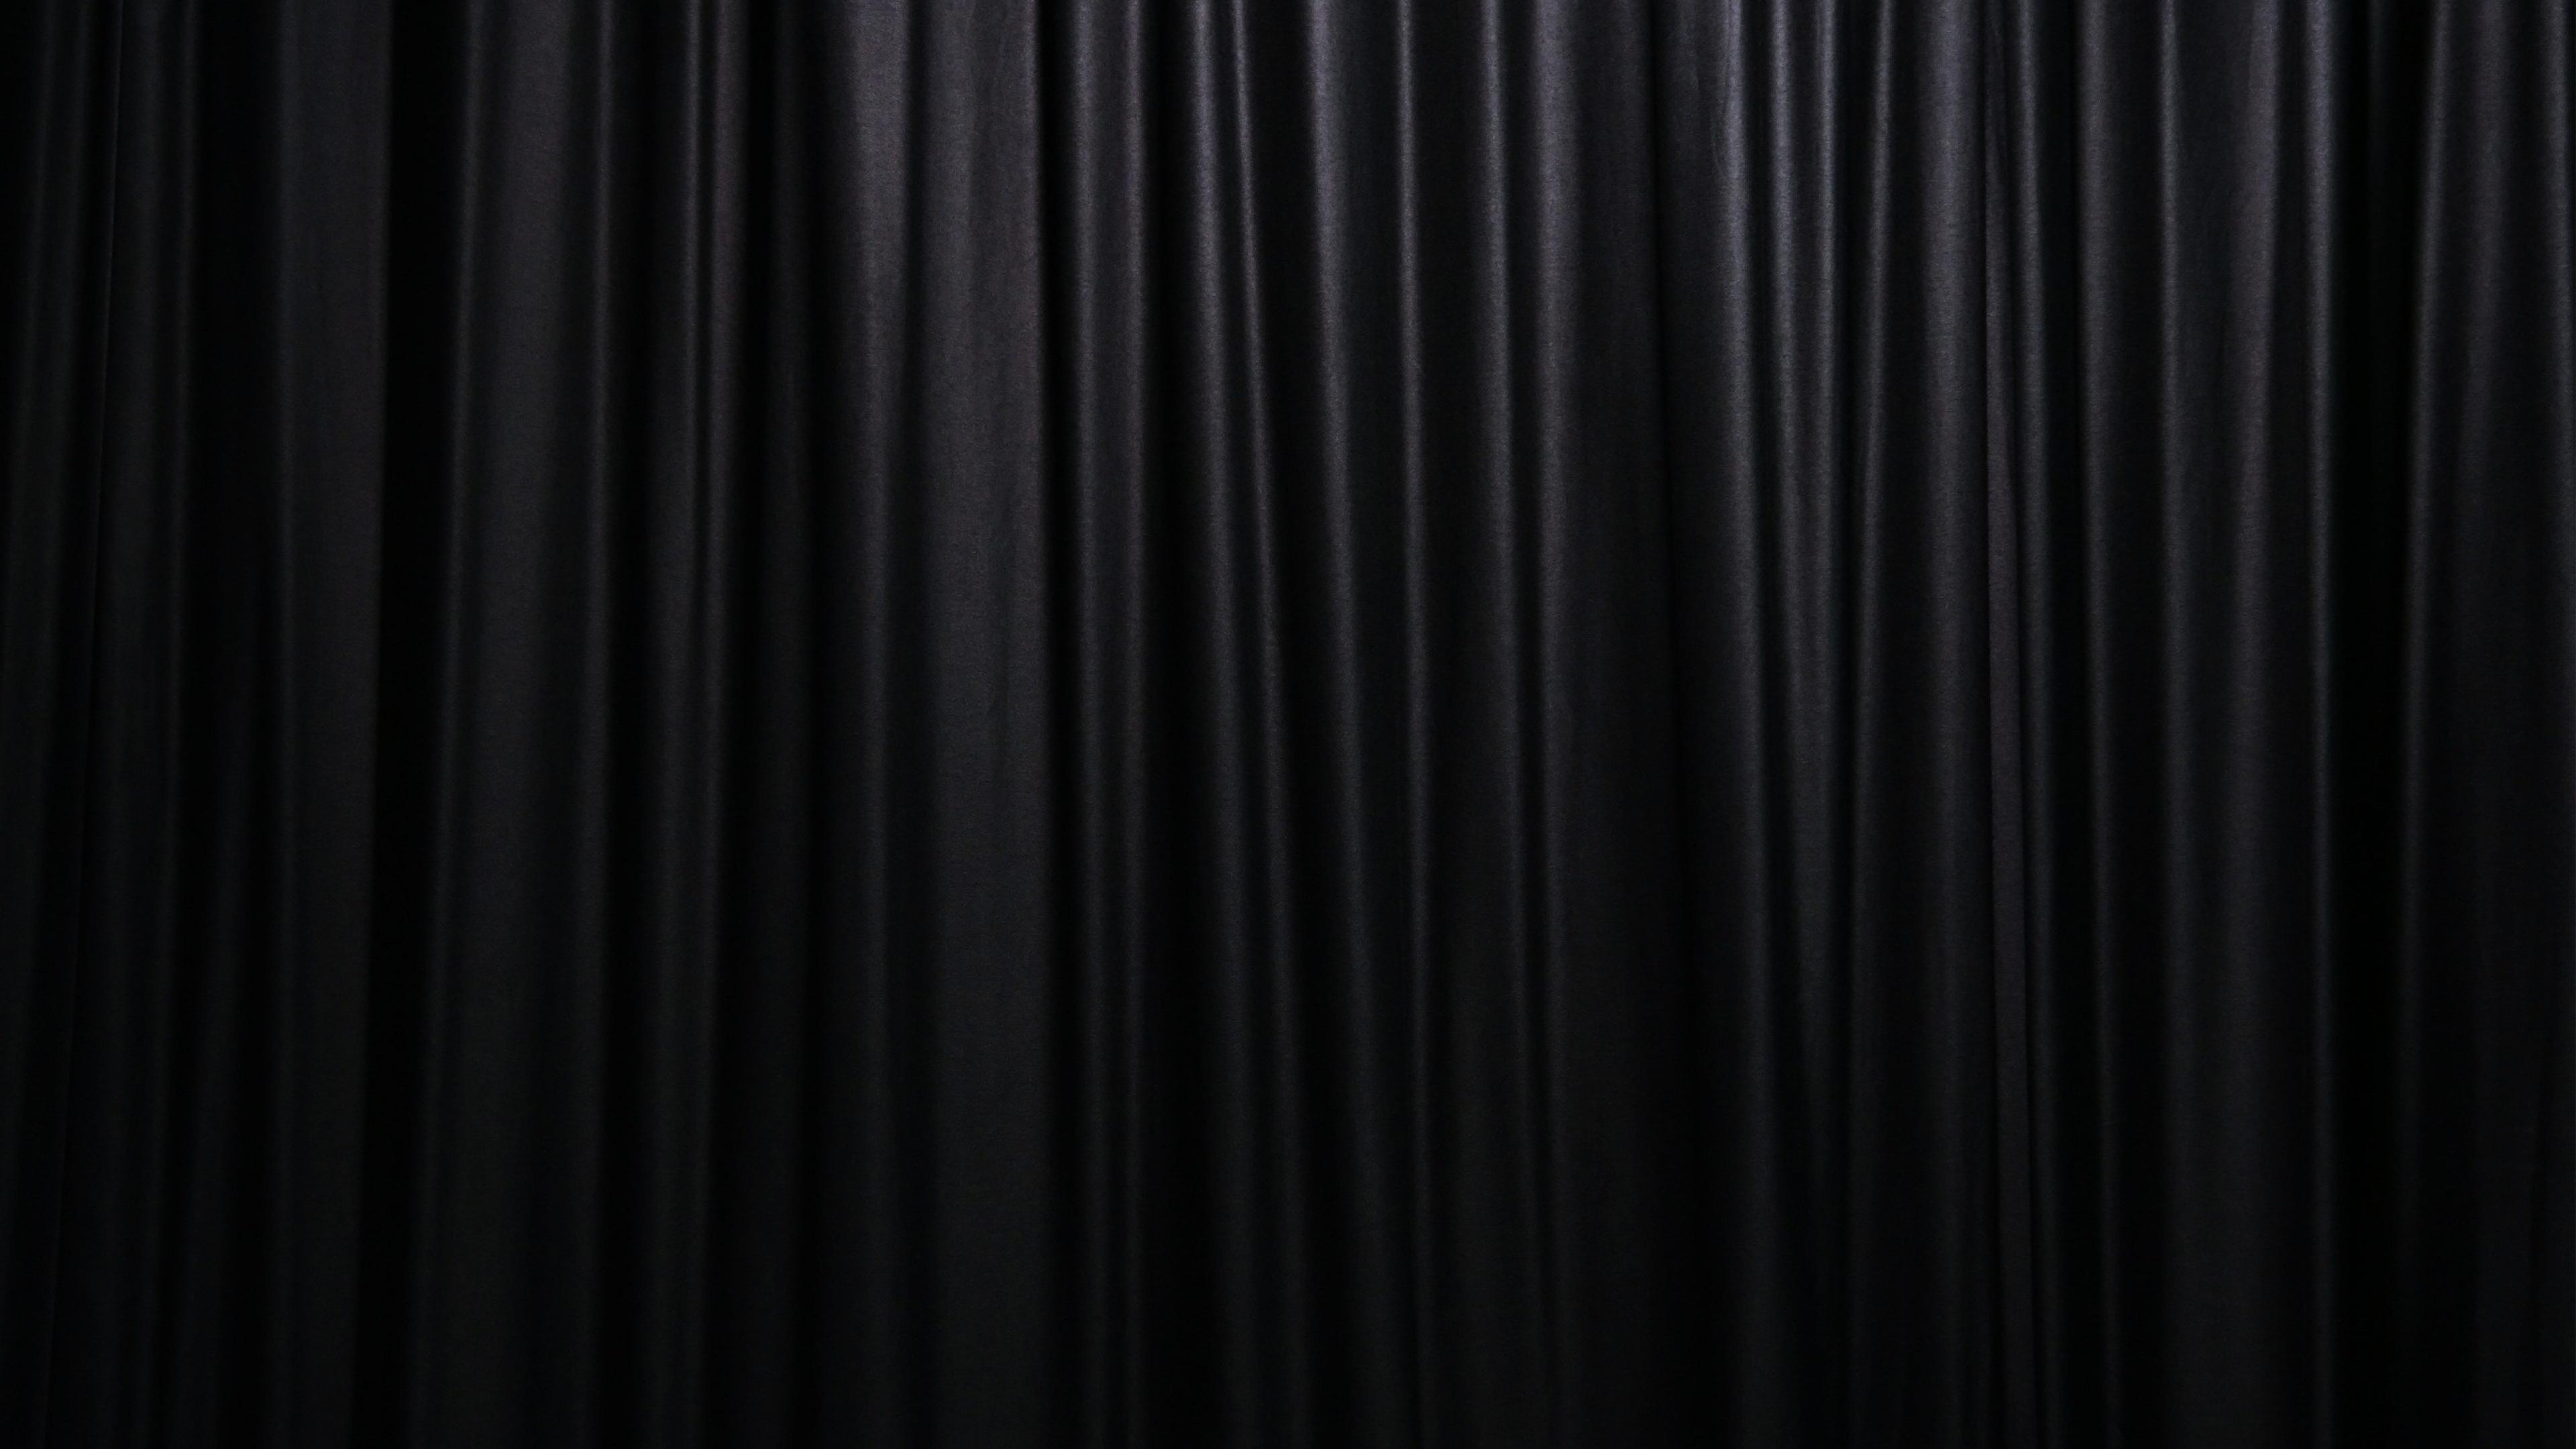 4k Wallpaper Dark Wallpapersafari